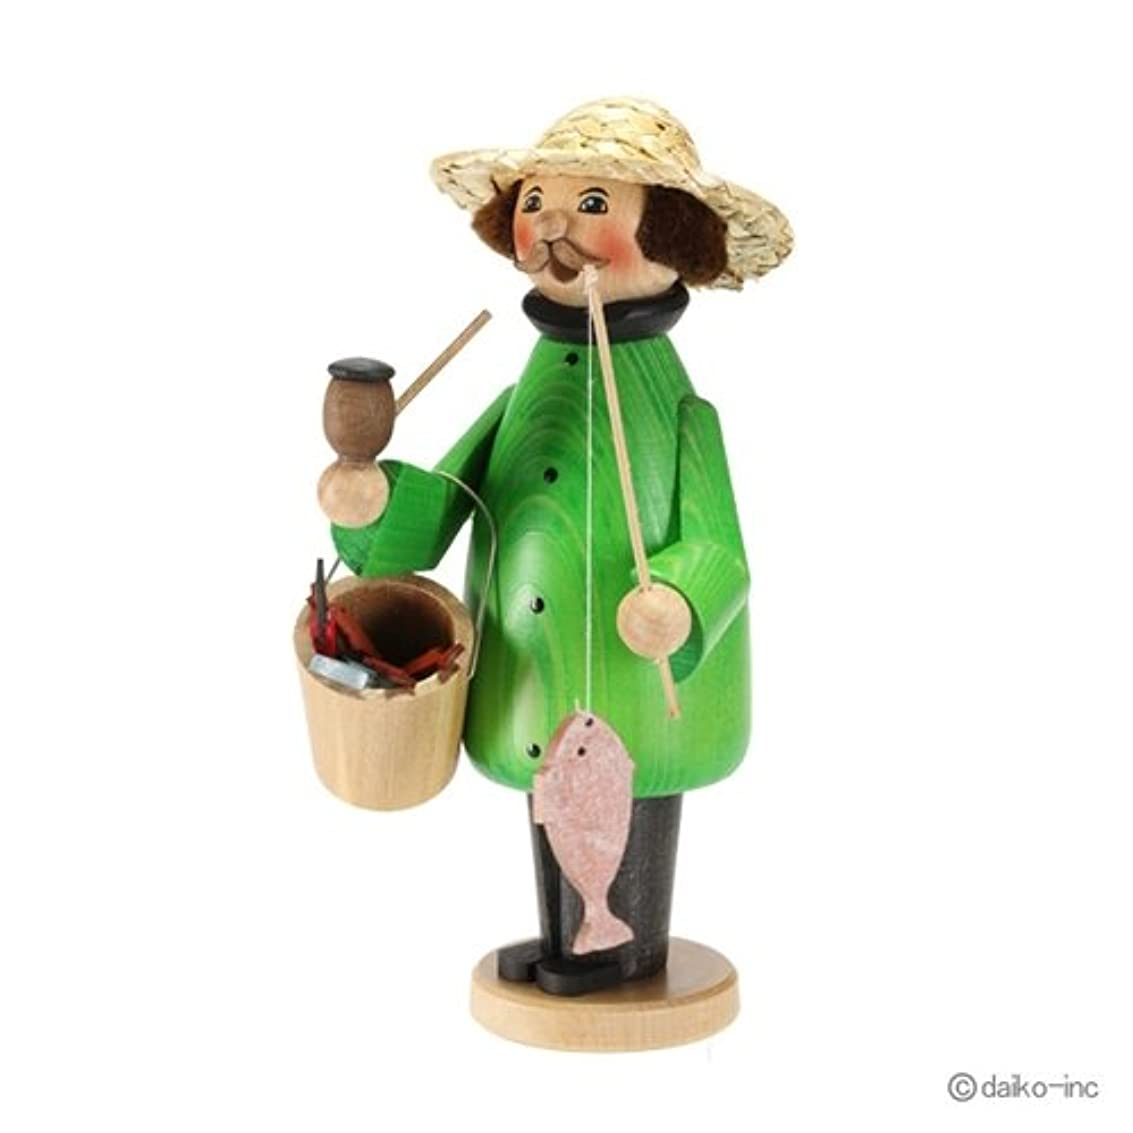 時計空中単調なクーネルト kuhnert ミニパイプ人形香炉 釣り人